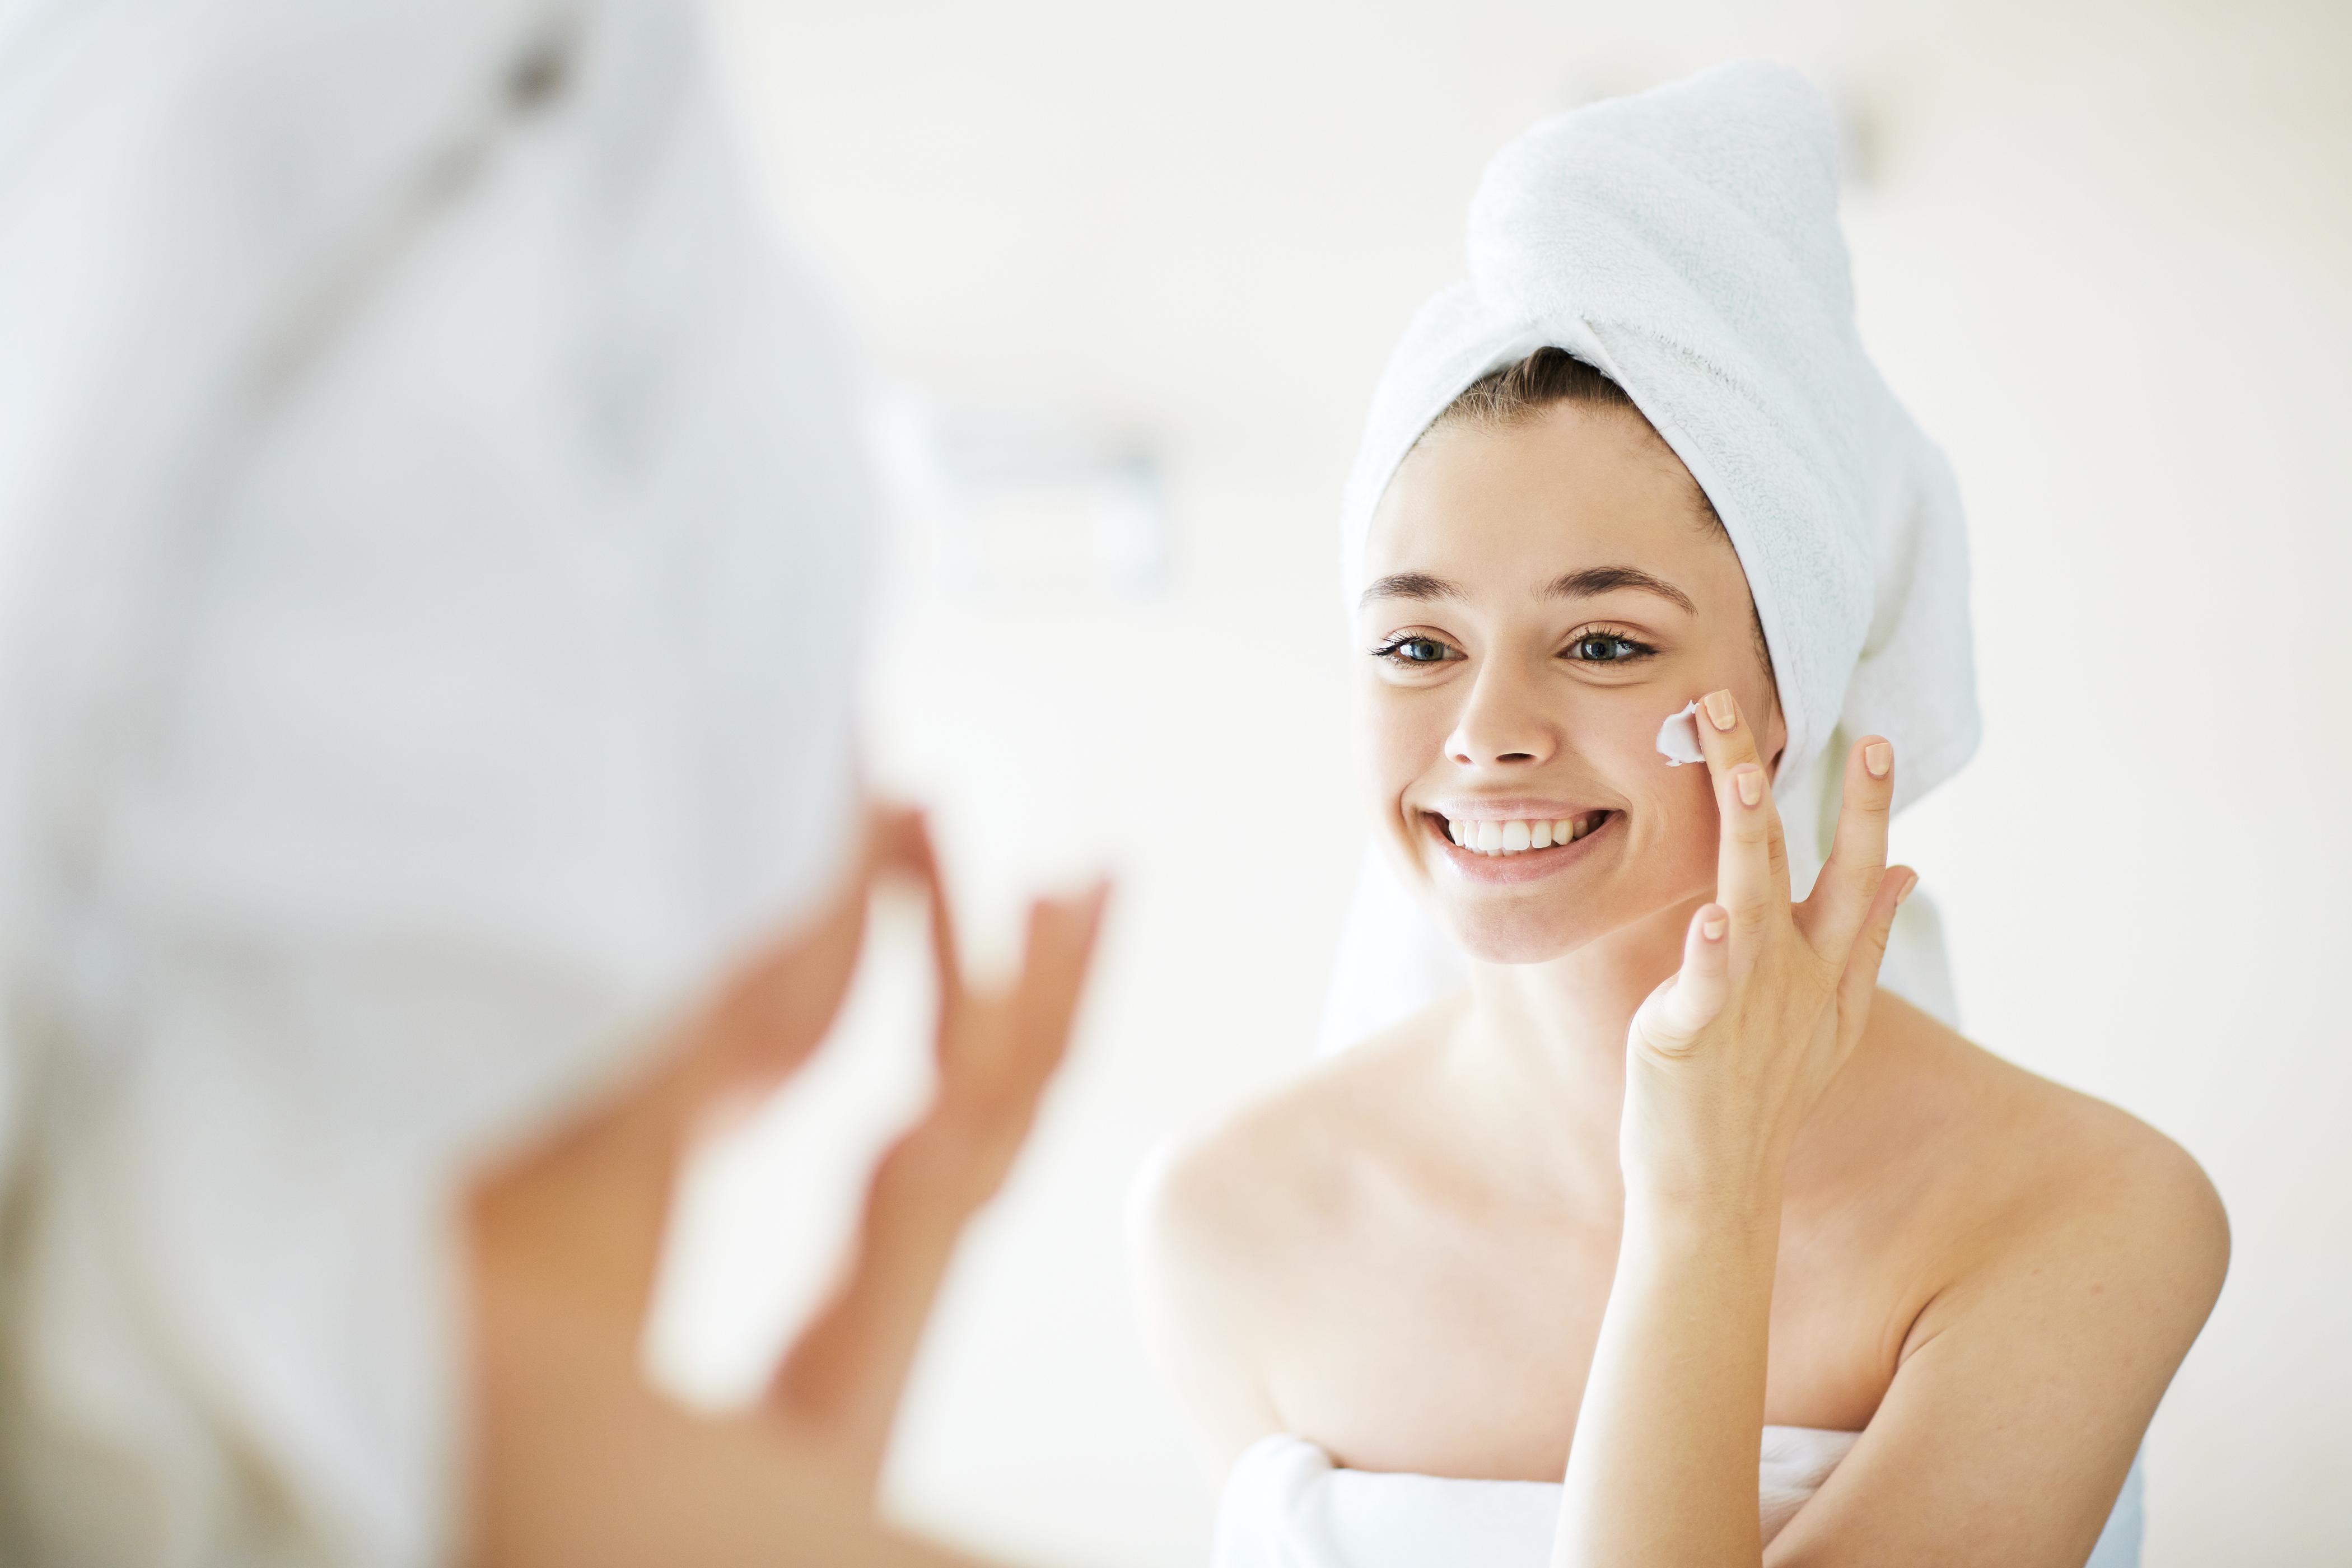 Belleza: ¿cómo cuidar la piel del rostro según tu edad?